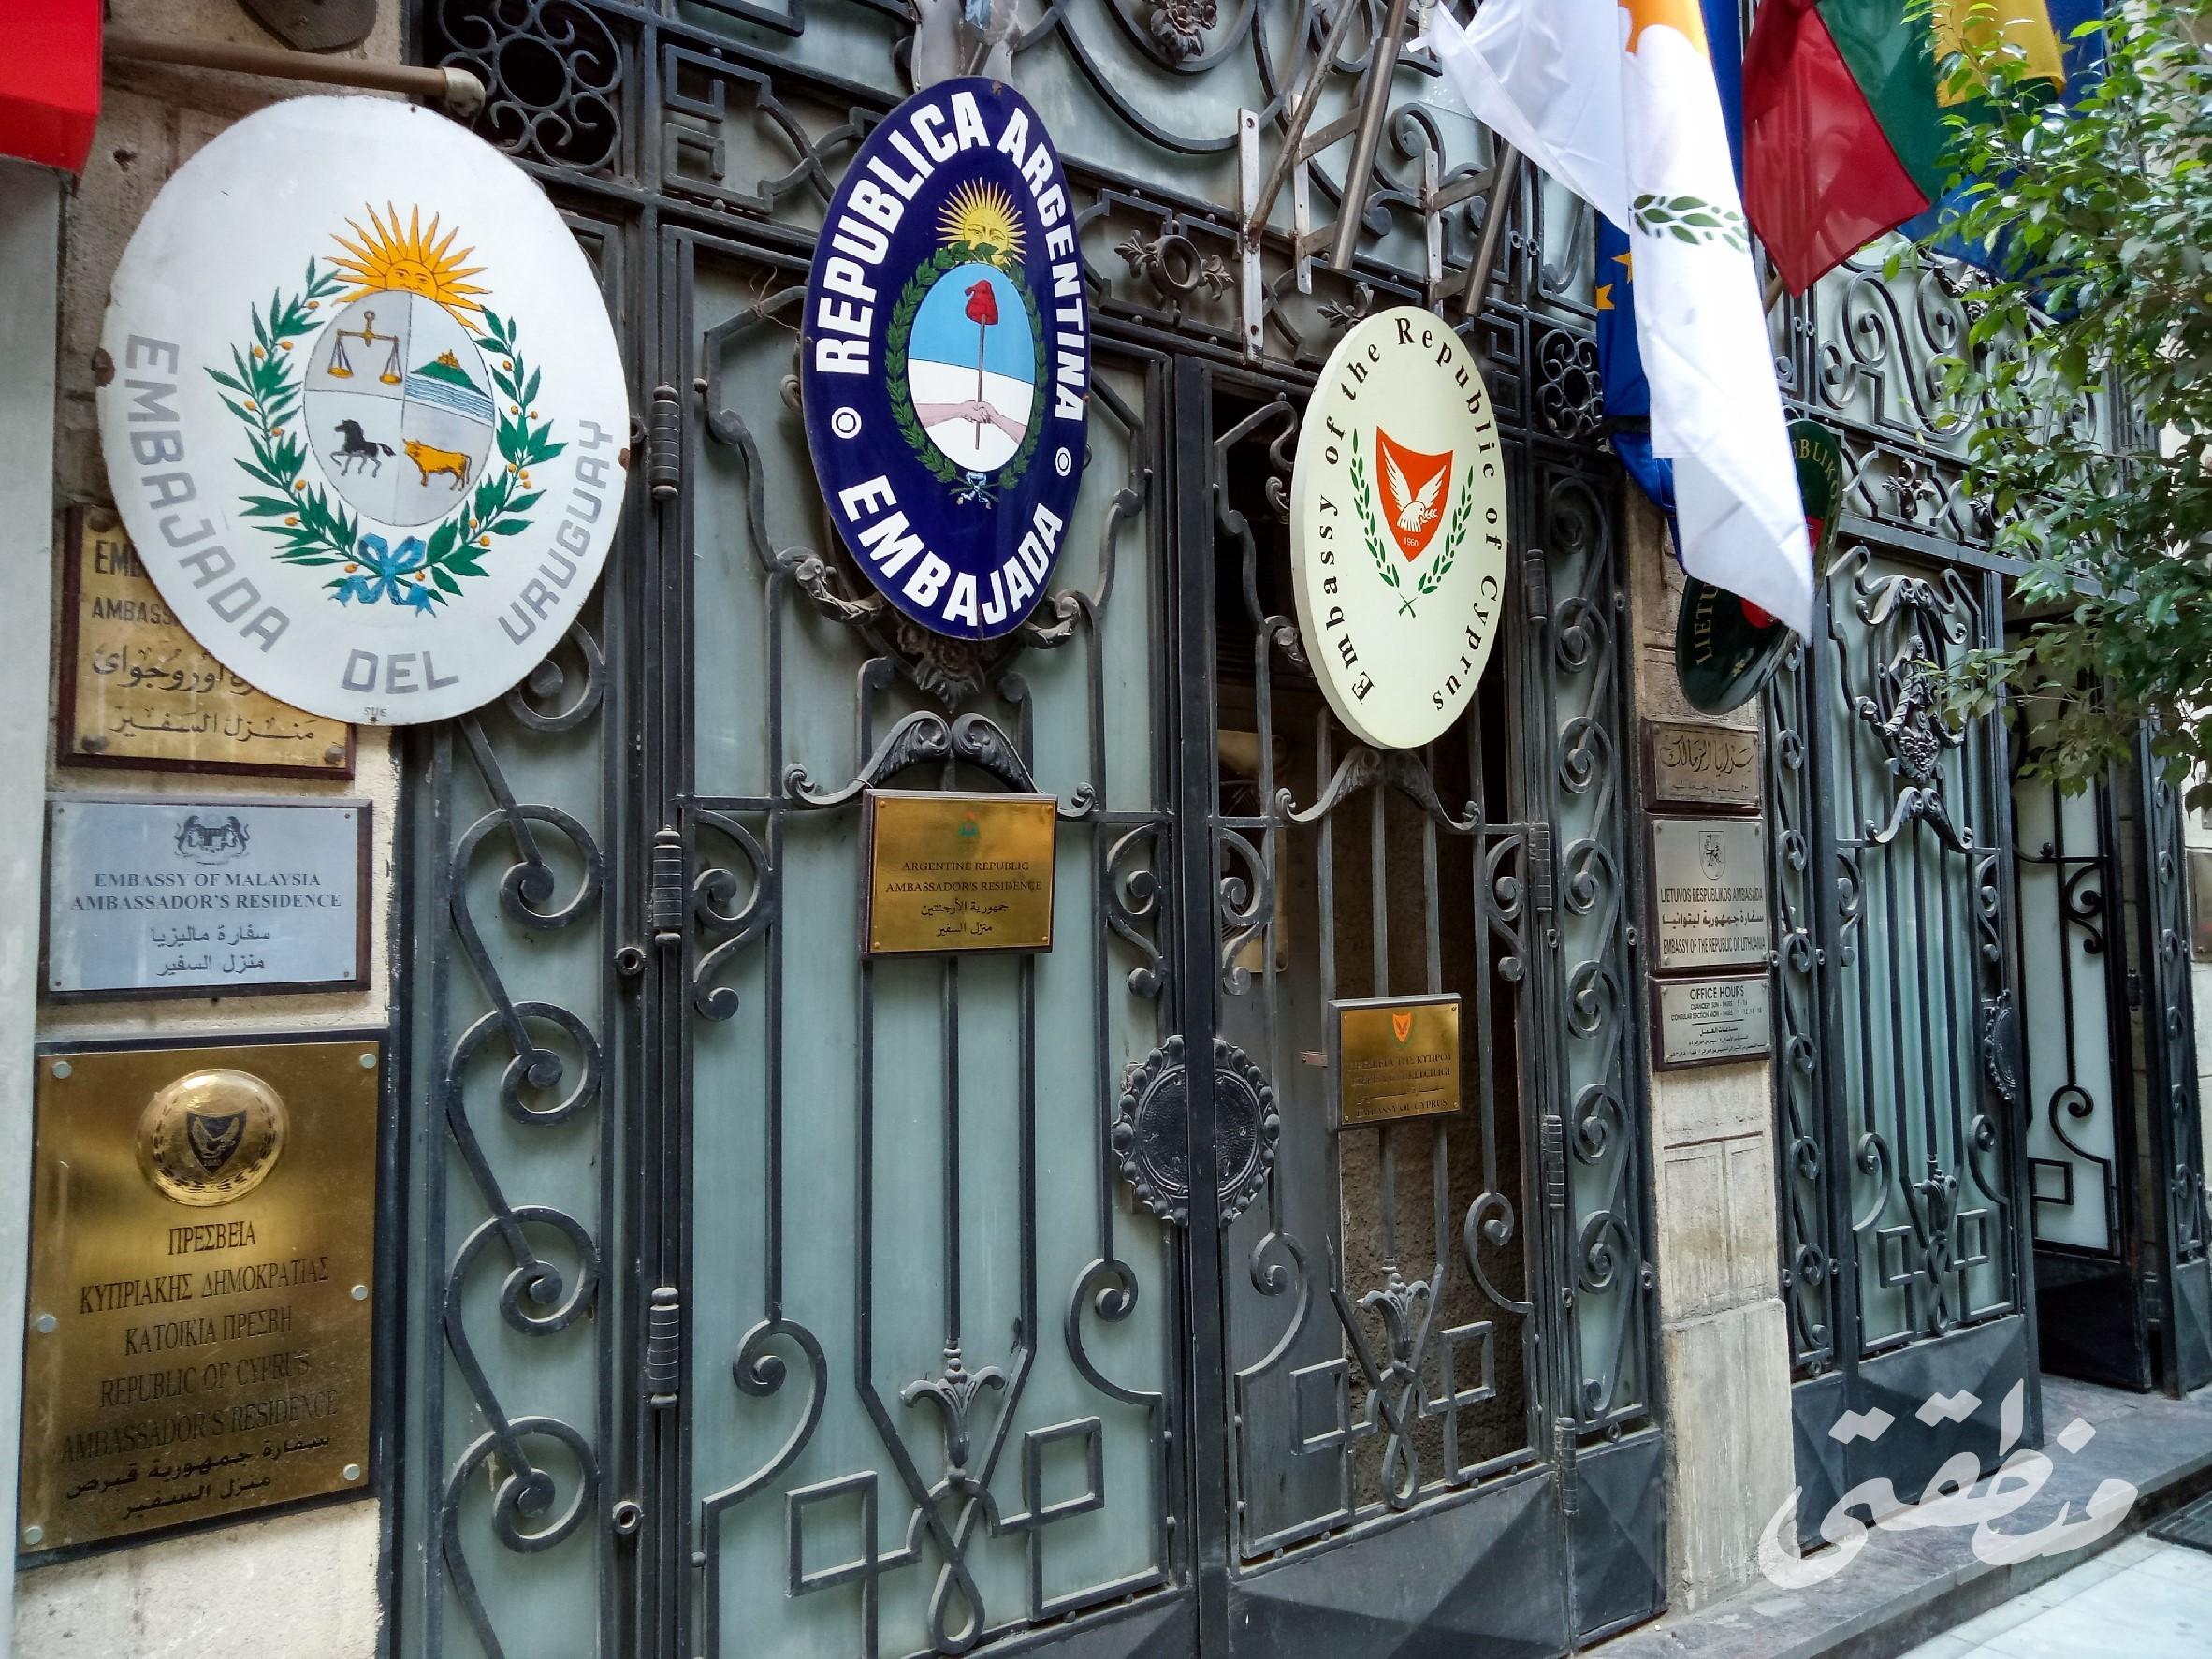 العمارة رقم 23 أ، ب شارع محمد مظهر، الزمالك، وتقع بجوار فندق هيلتون (السفير سابقا) - تصوير صديق البخشونجي